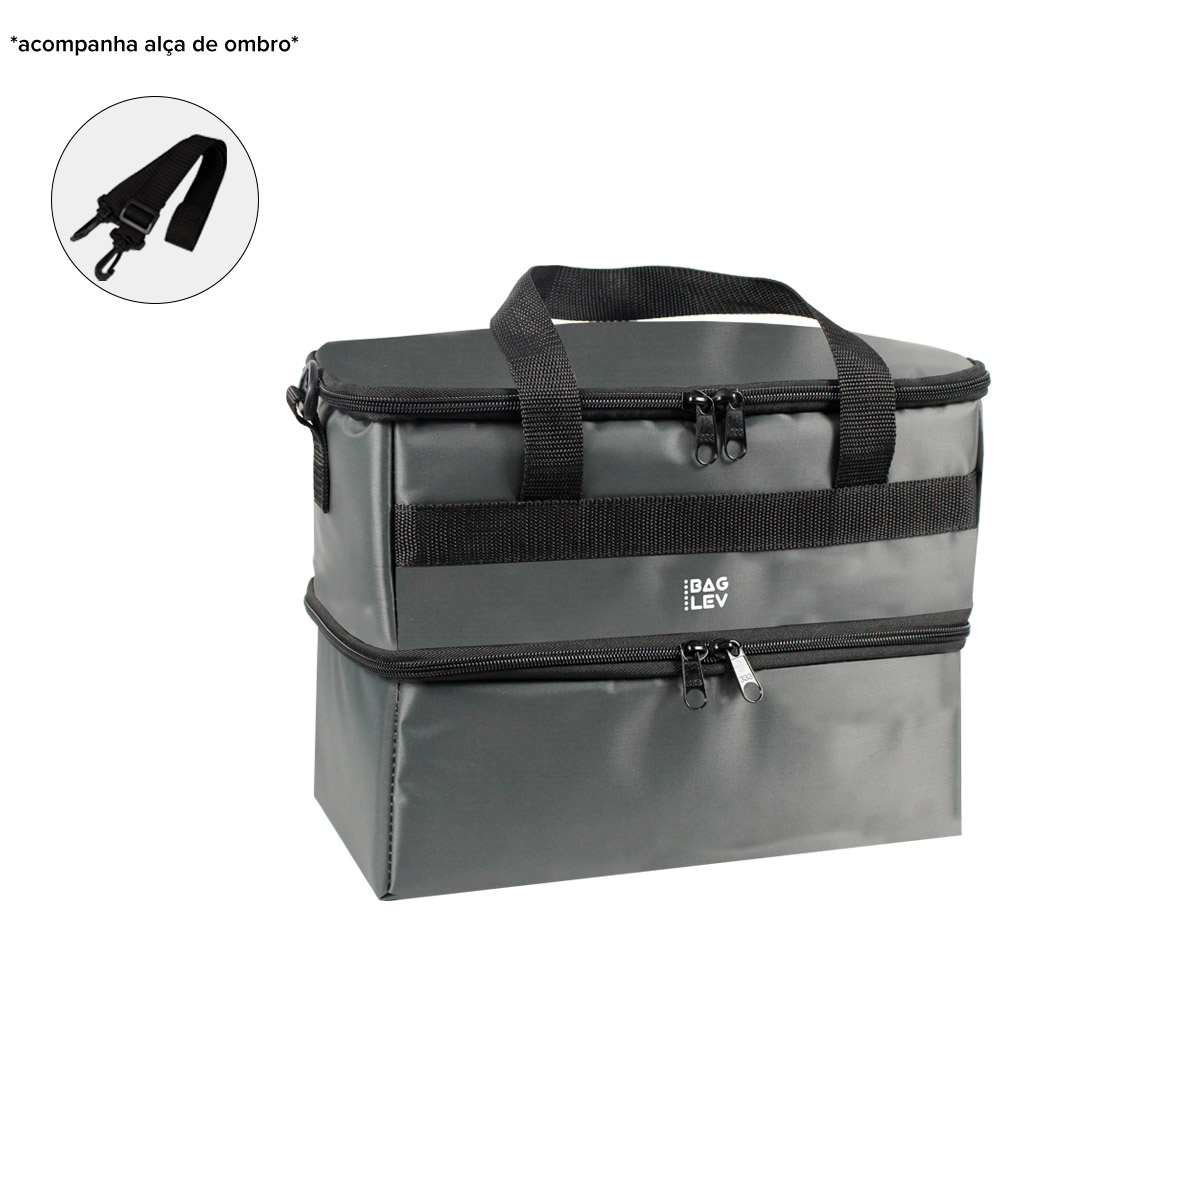 Bolsa Térmica T2 Marmita Fitness Quente E Frio - Bag Lev